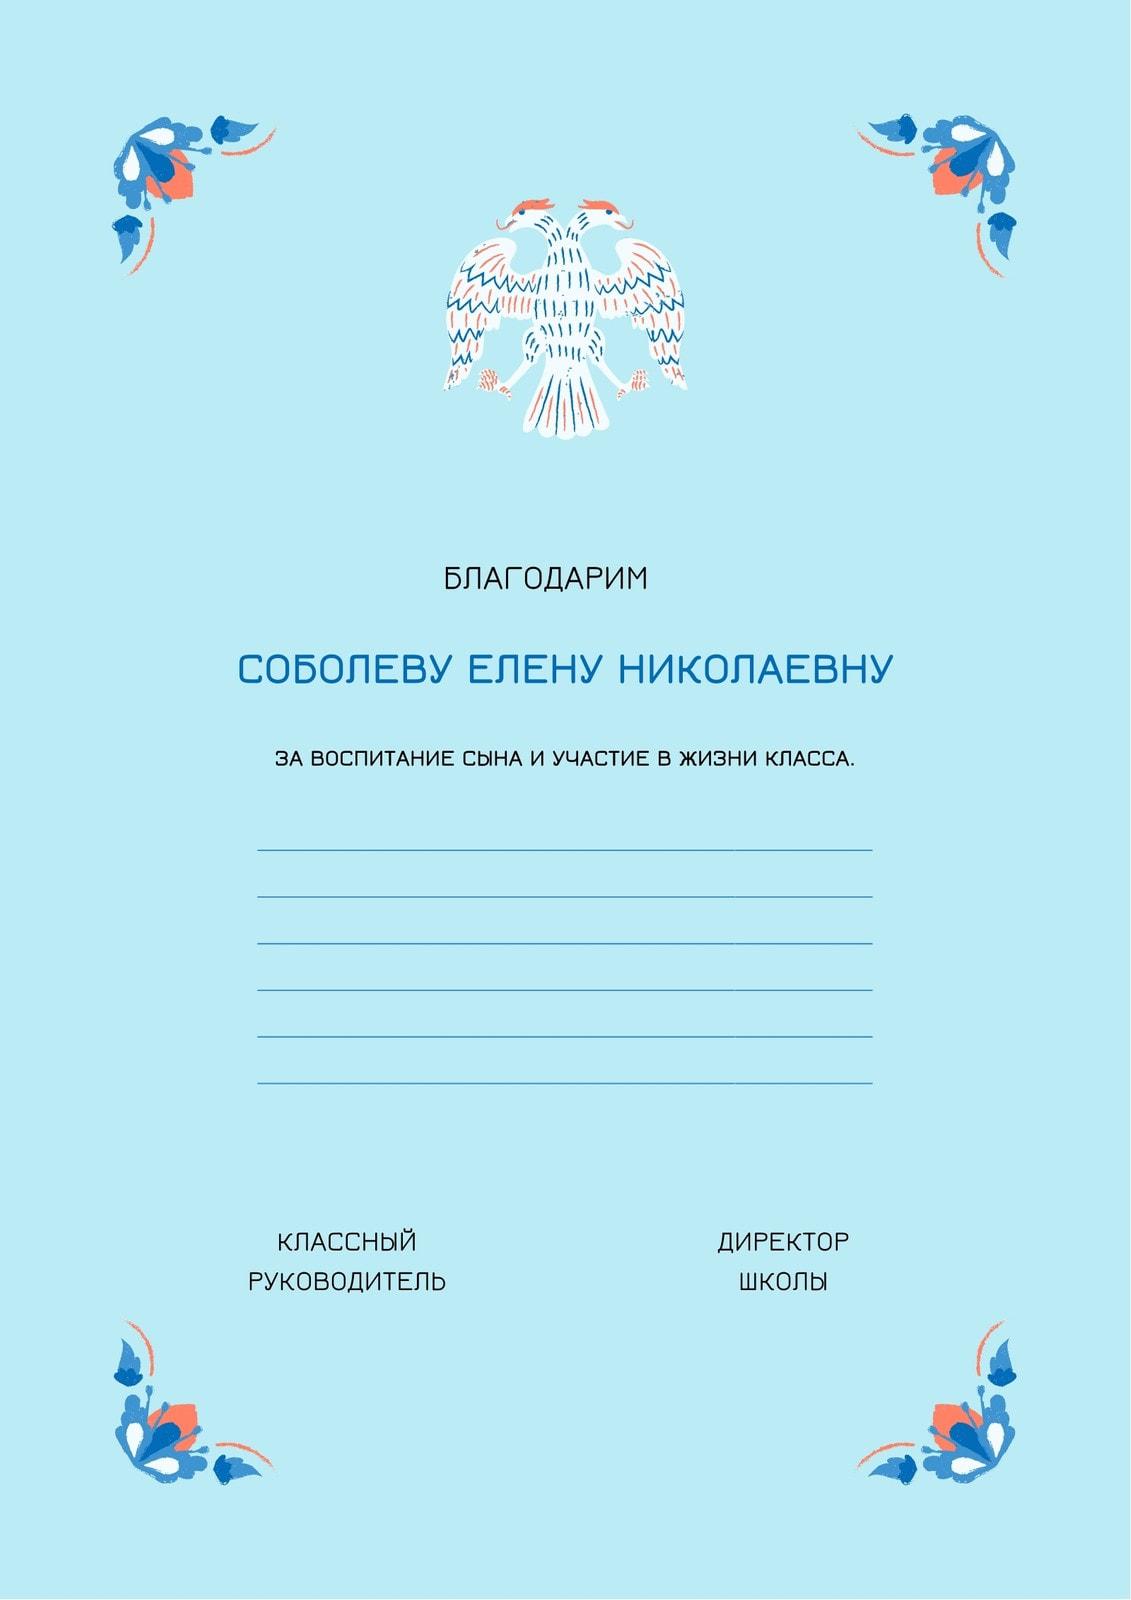 Синее формальное благодарственное письмо с рисунком герба и цветочной рамкой